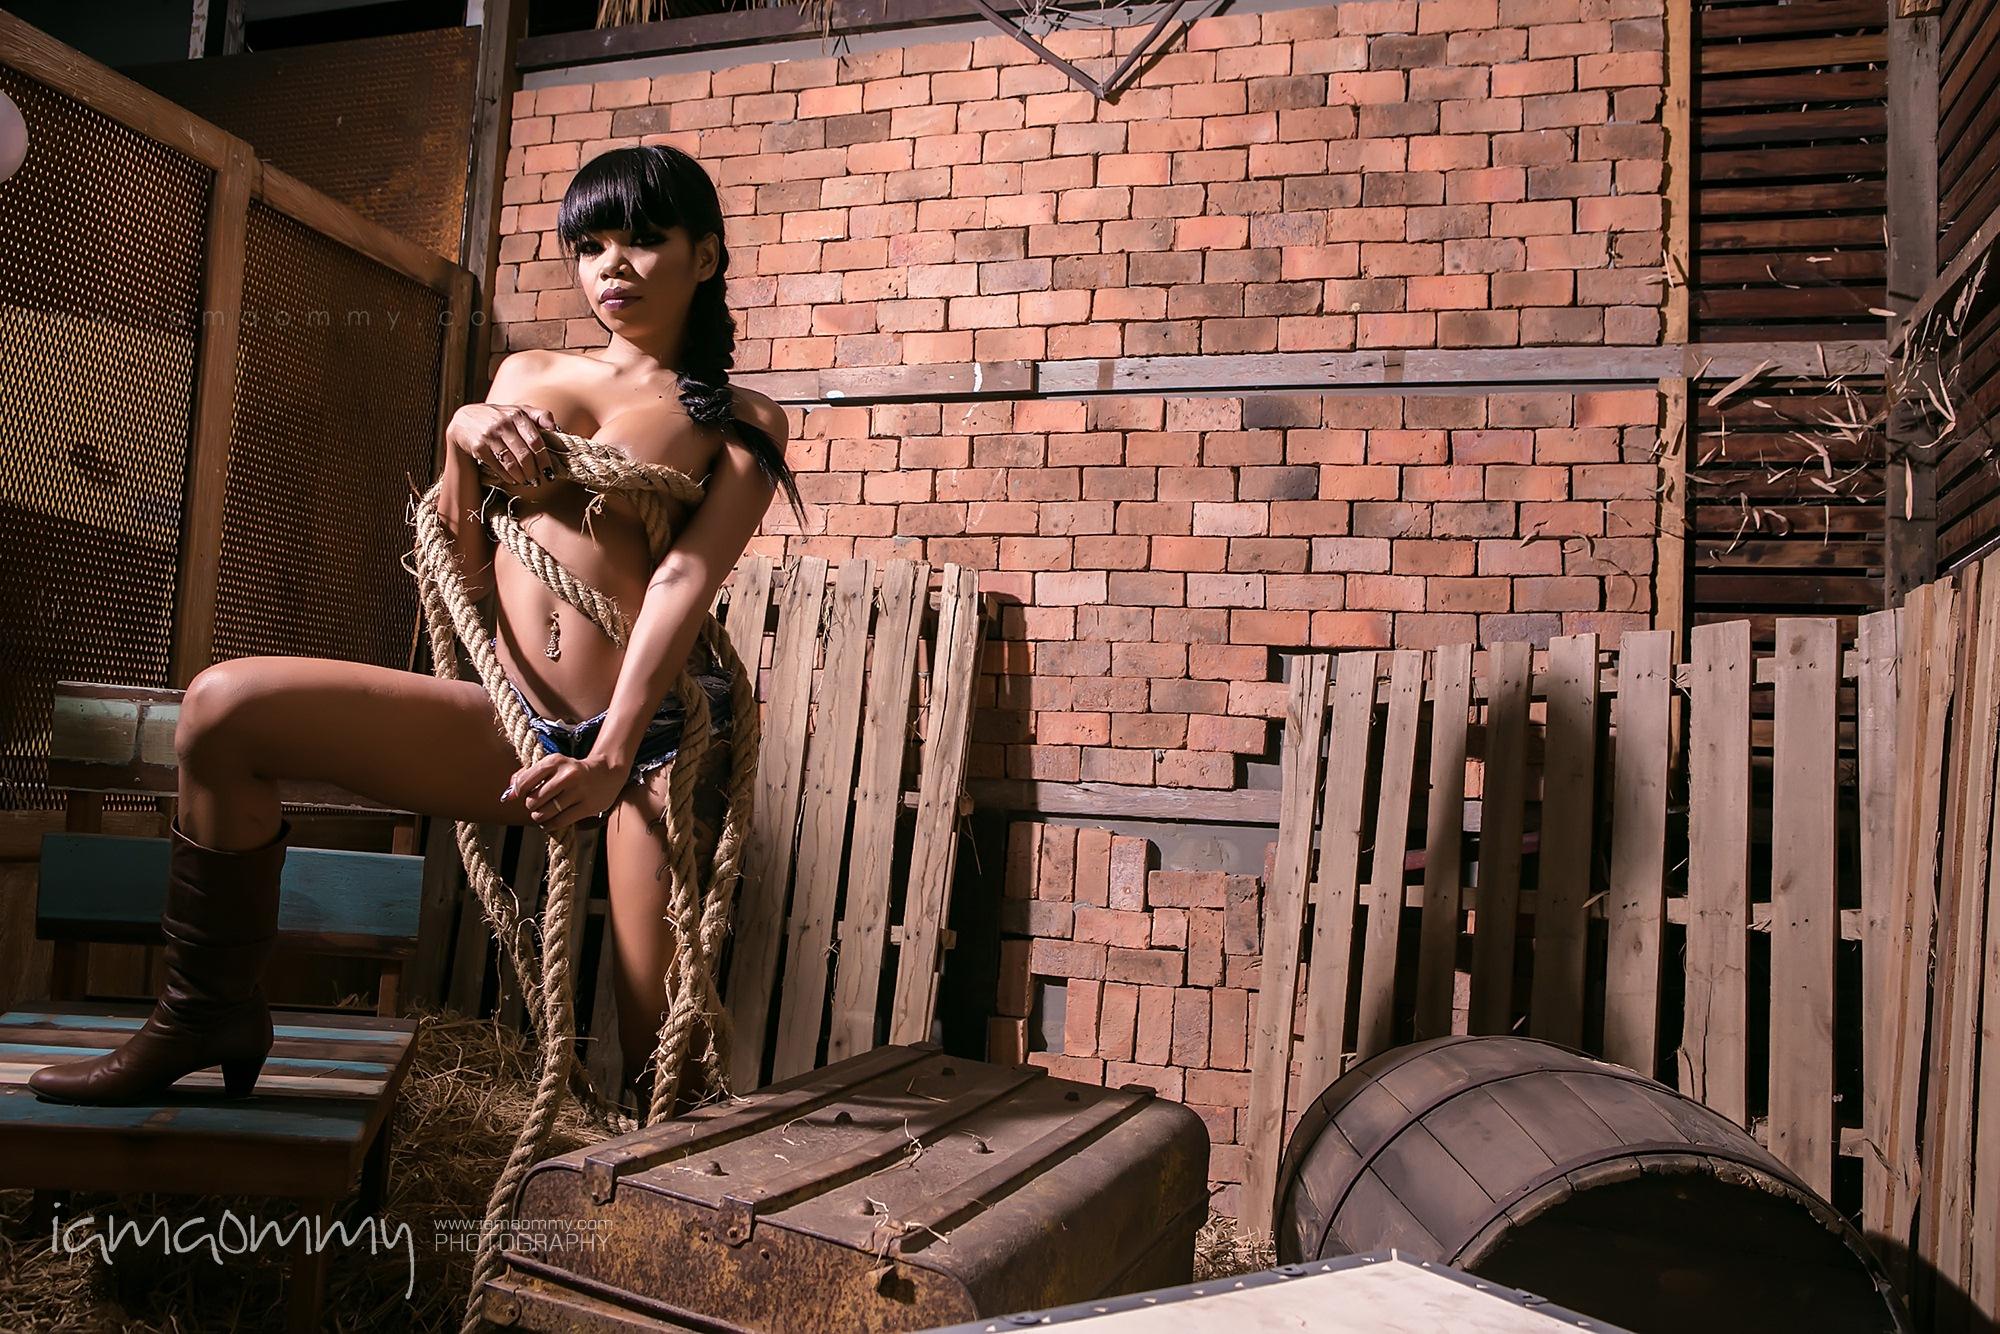 ถ่ายรูปเซ็กซี่_Annie_sexy_404